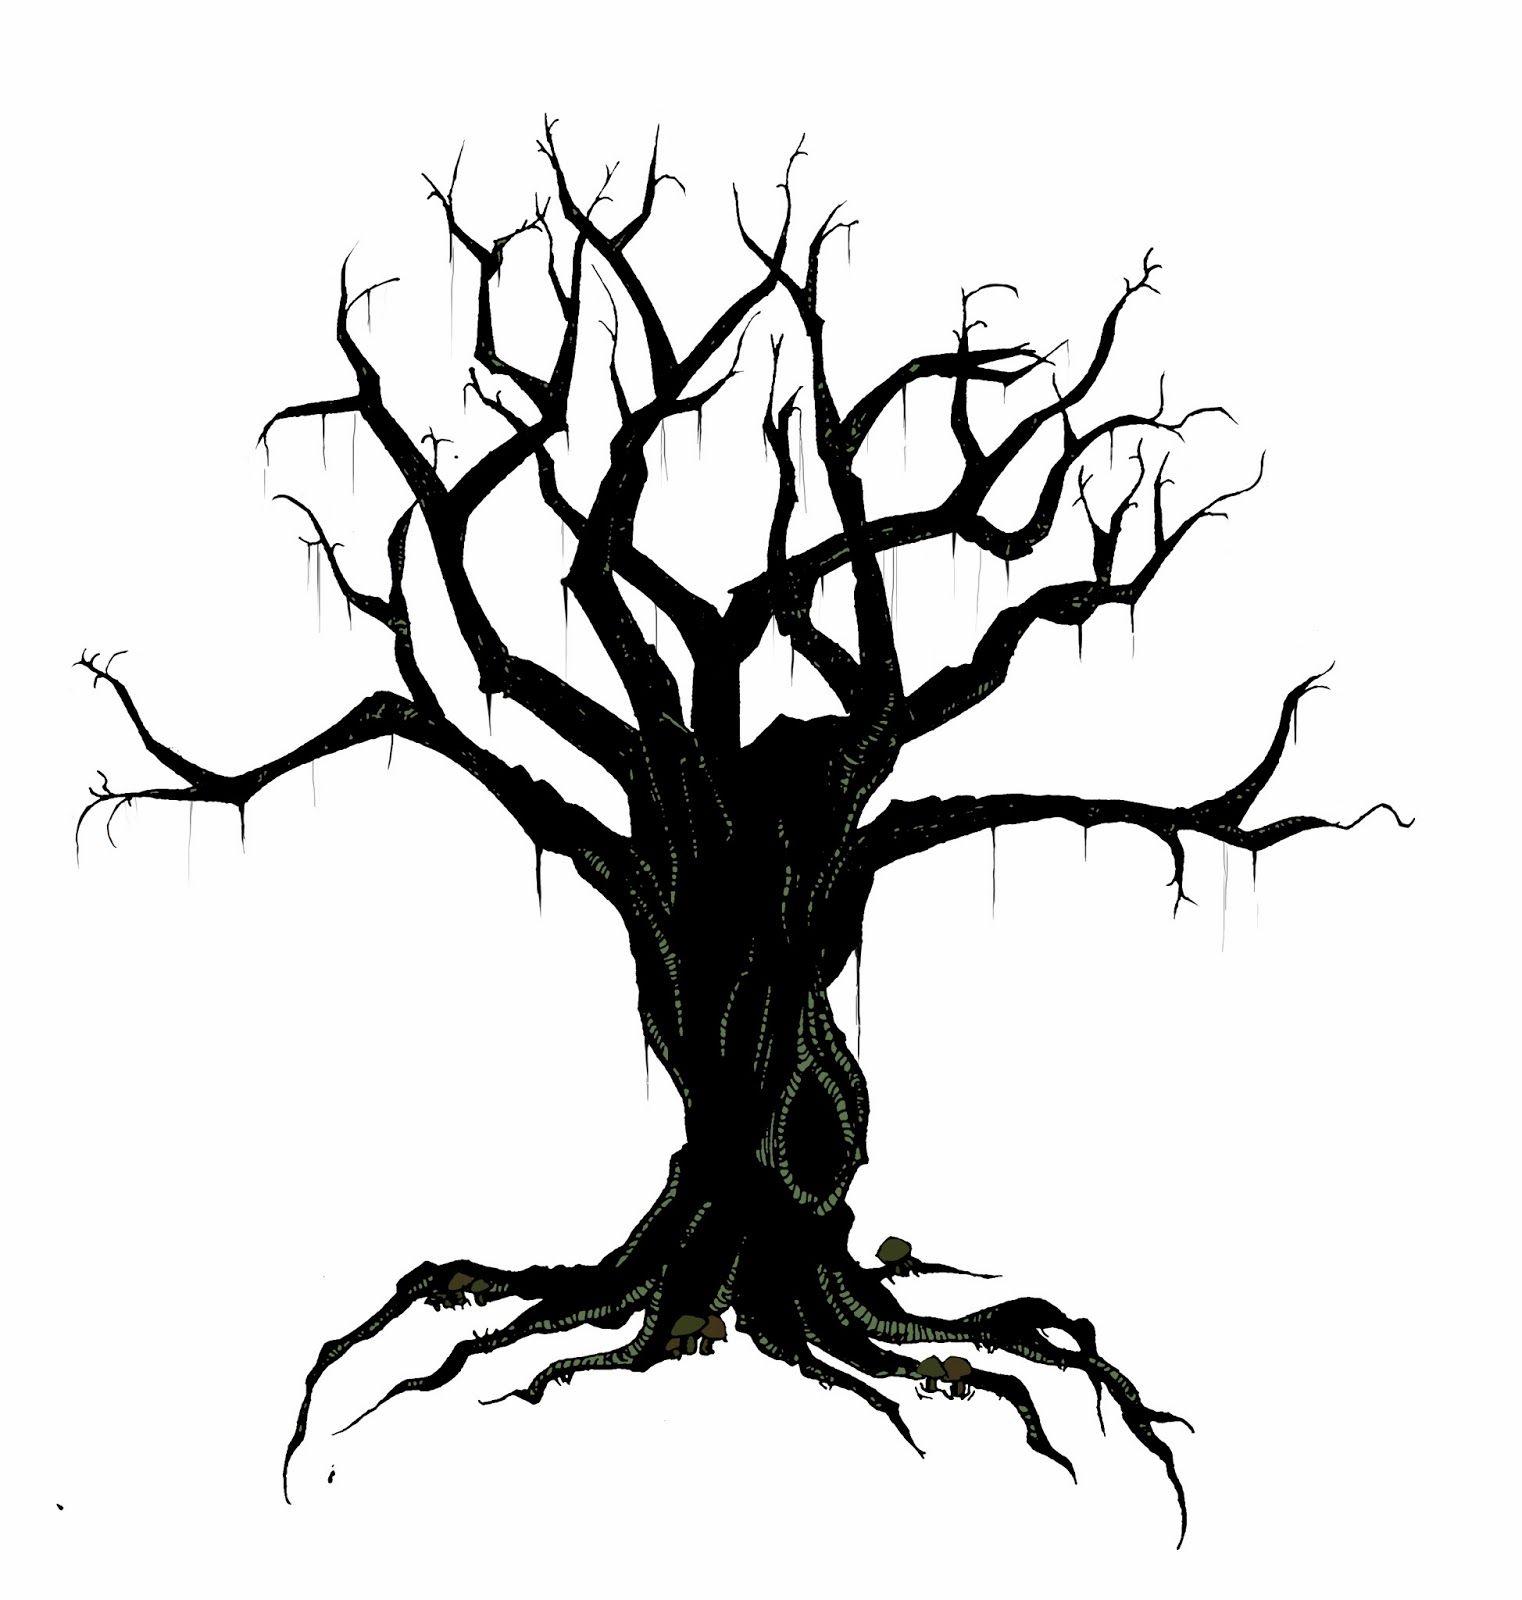 creepy bird in tree silhouette creepy tree [ 1522 x 1600 Pixel ]